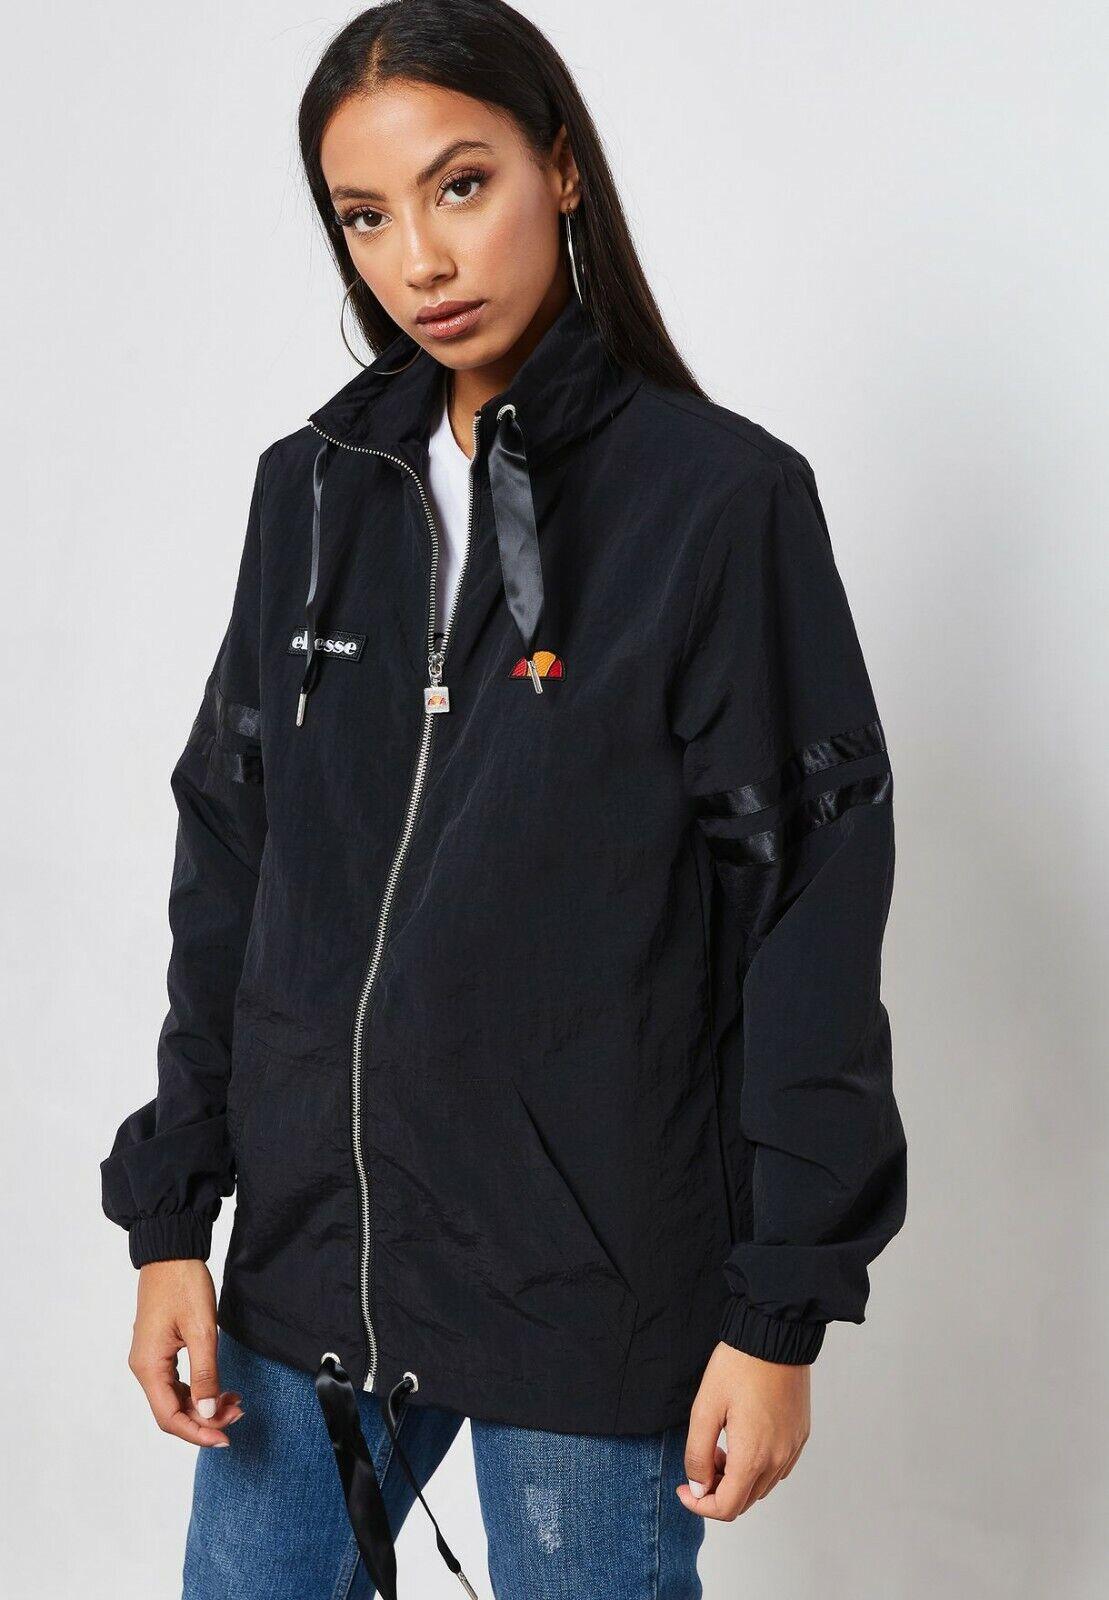 Ellesse señora claudia cremallera chaqueta antracita  outdoor ropa  marca